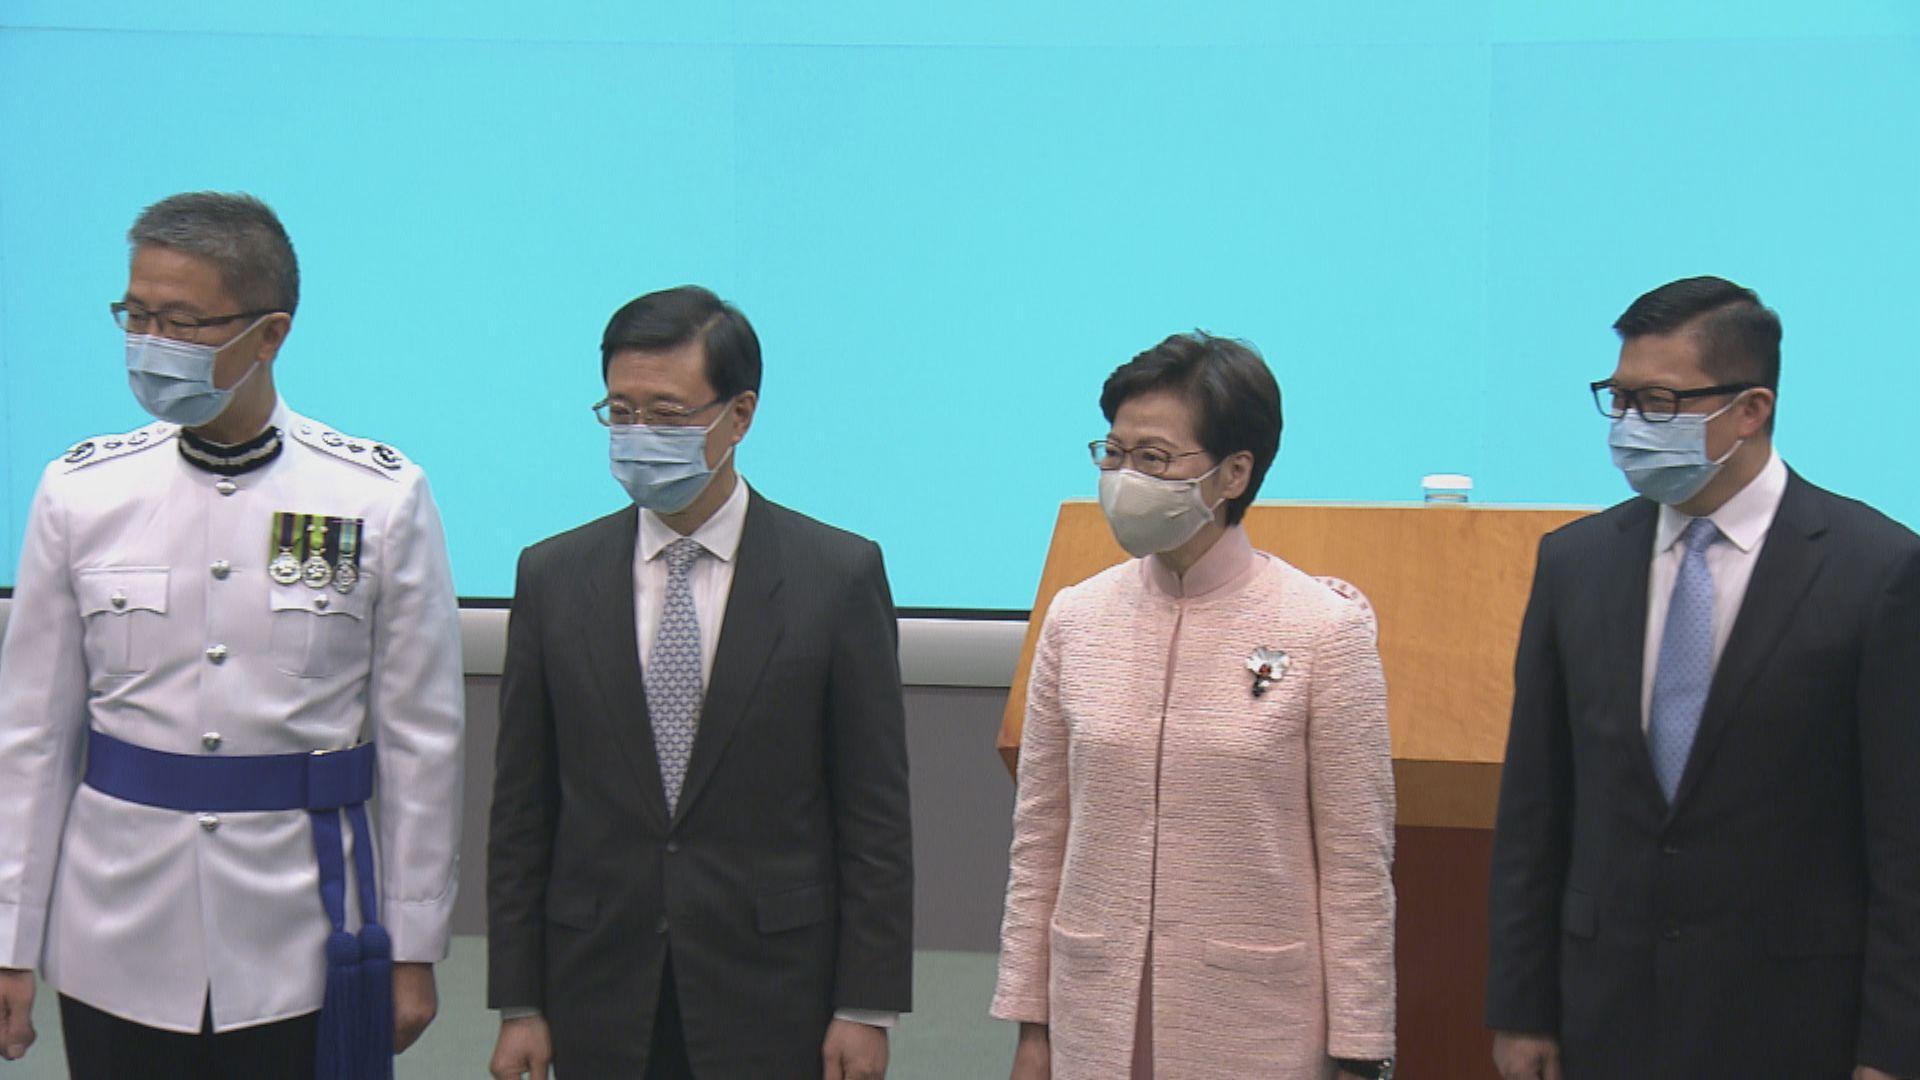 林鄭月娥否認偏重紀律部隊 稱李家超有能力統領公務員